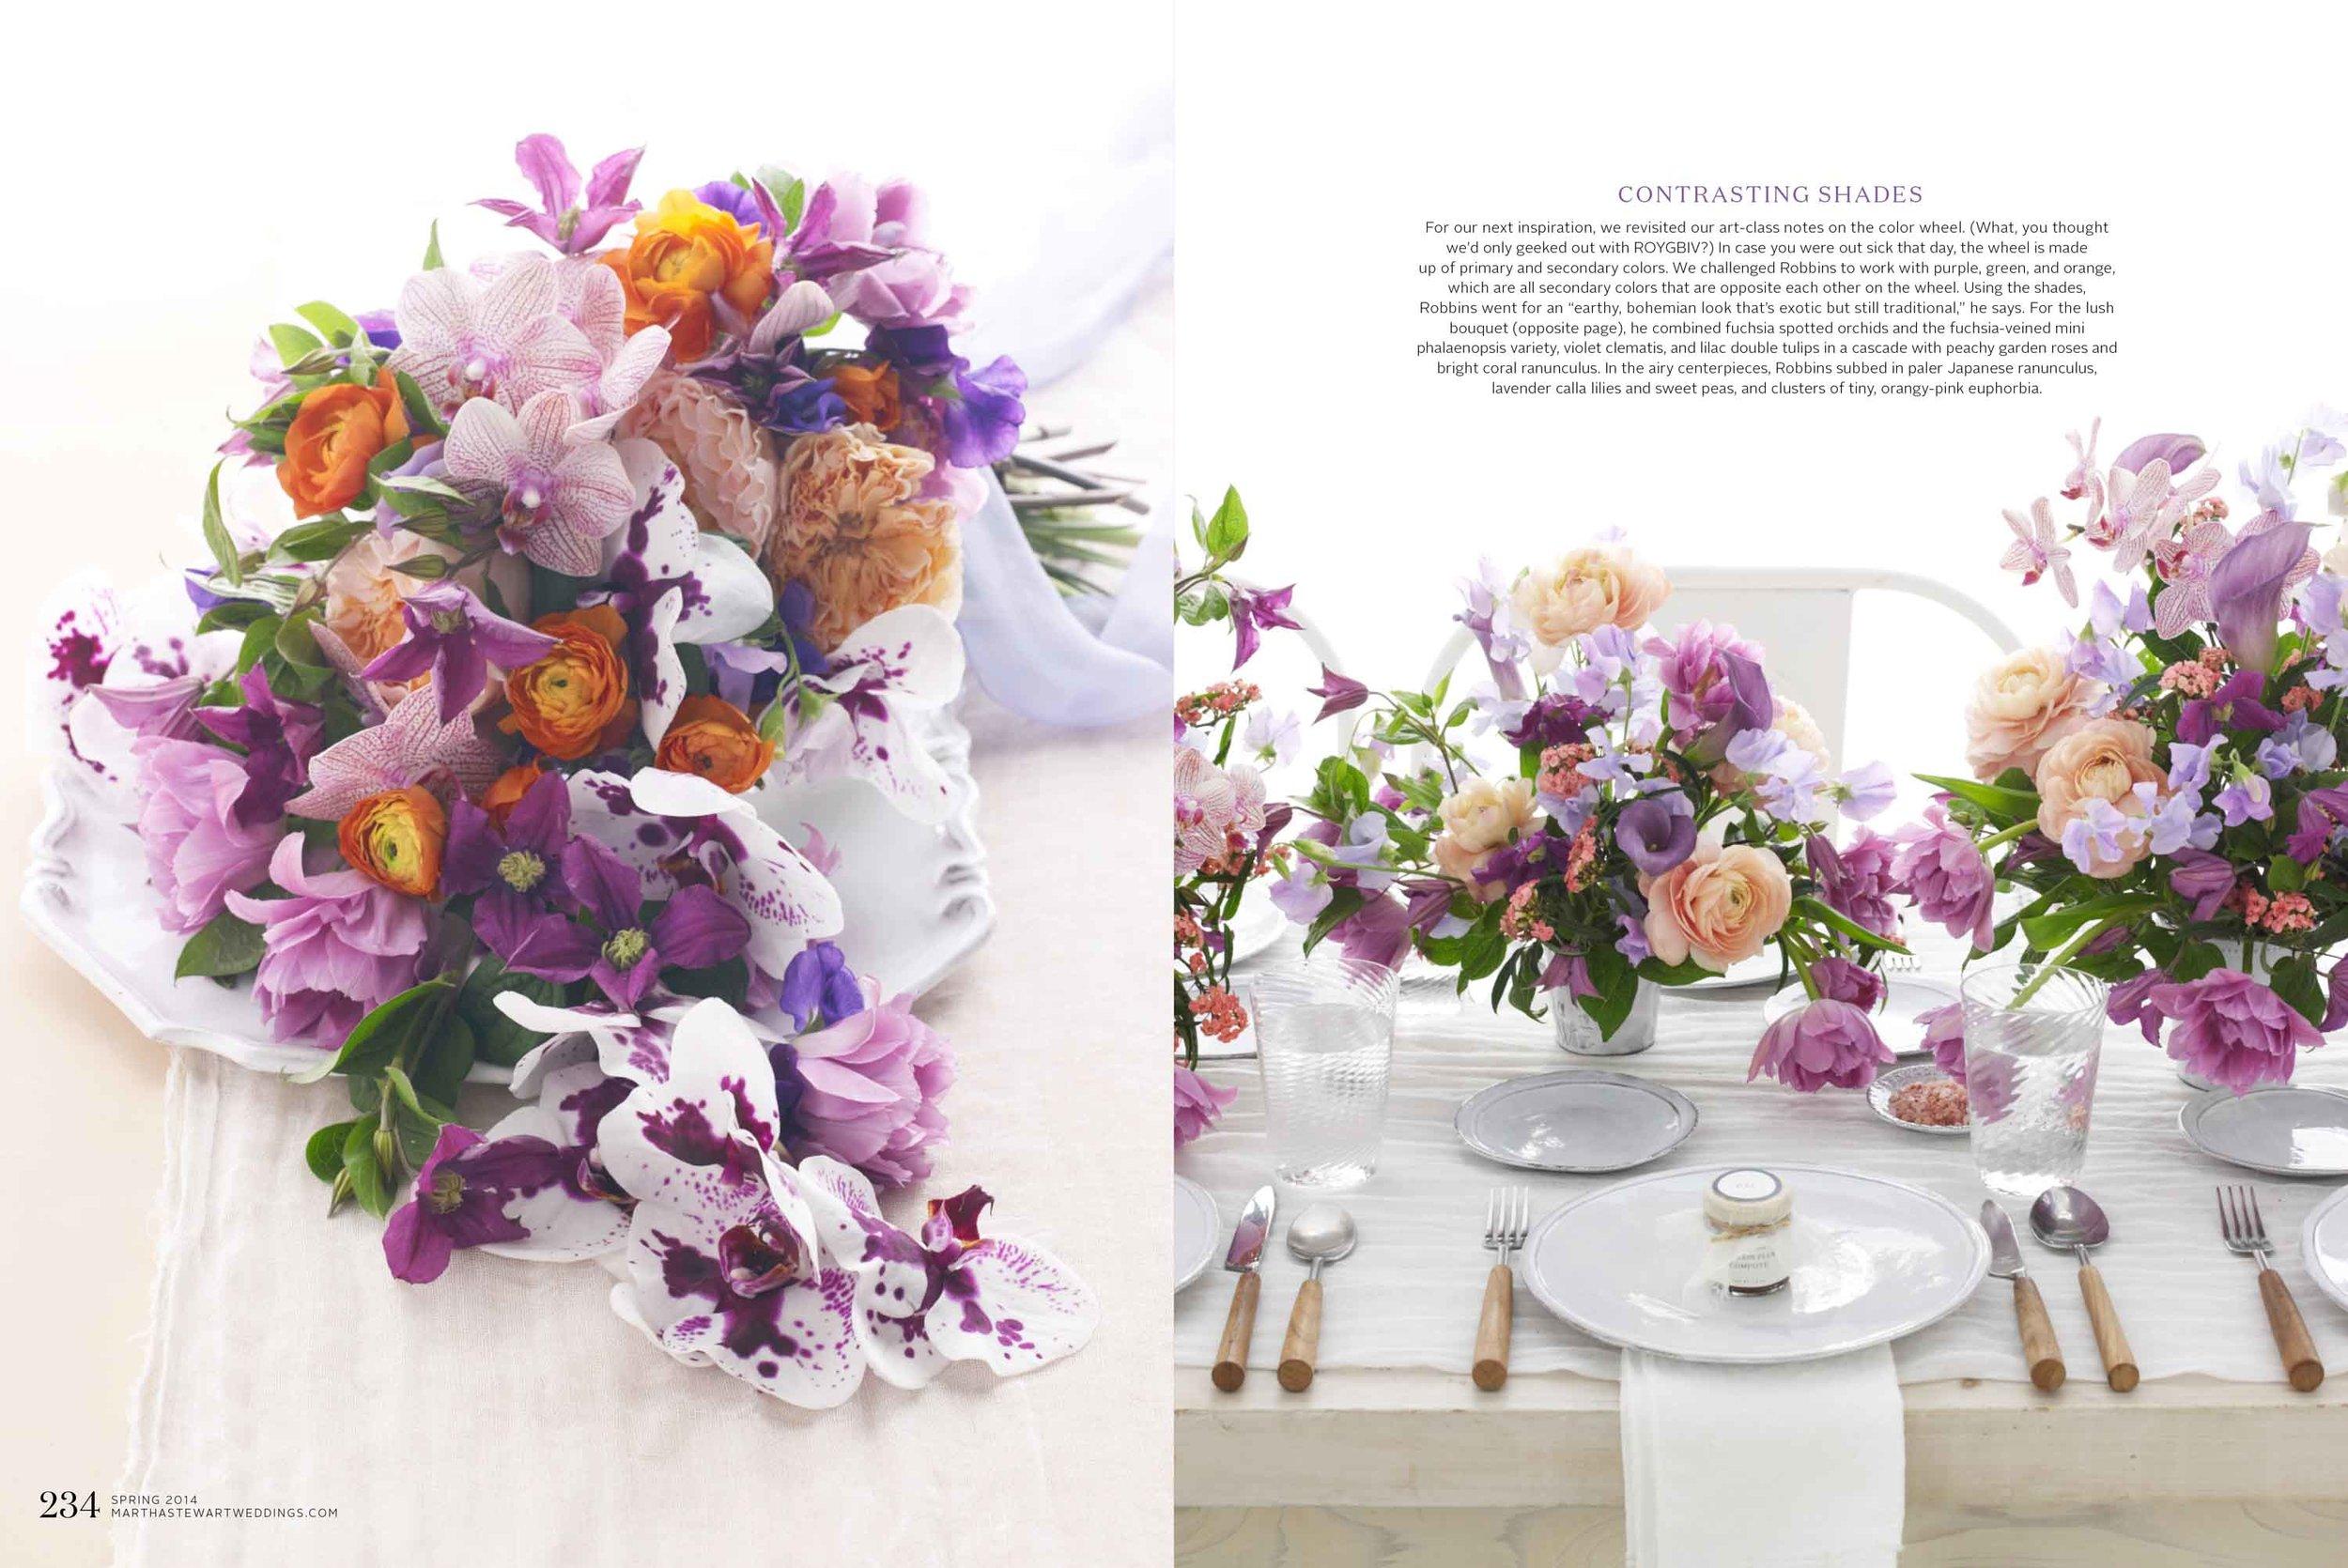 Lauren_ONeill-MSW_Flowers-04-3000.jpg